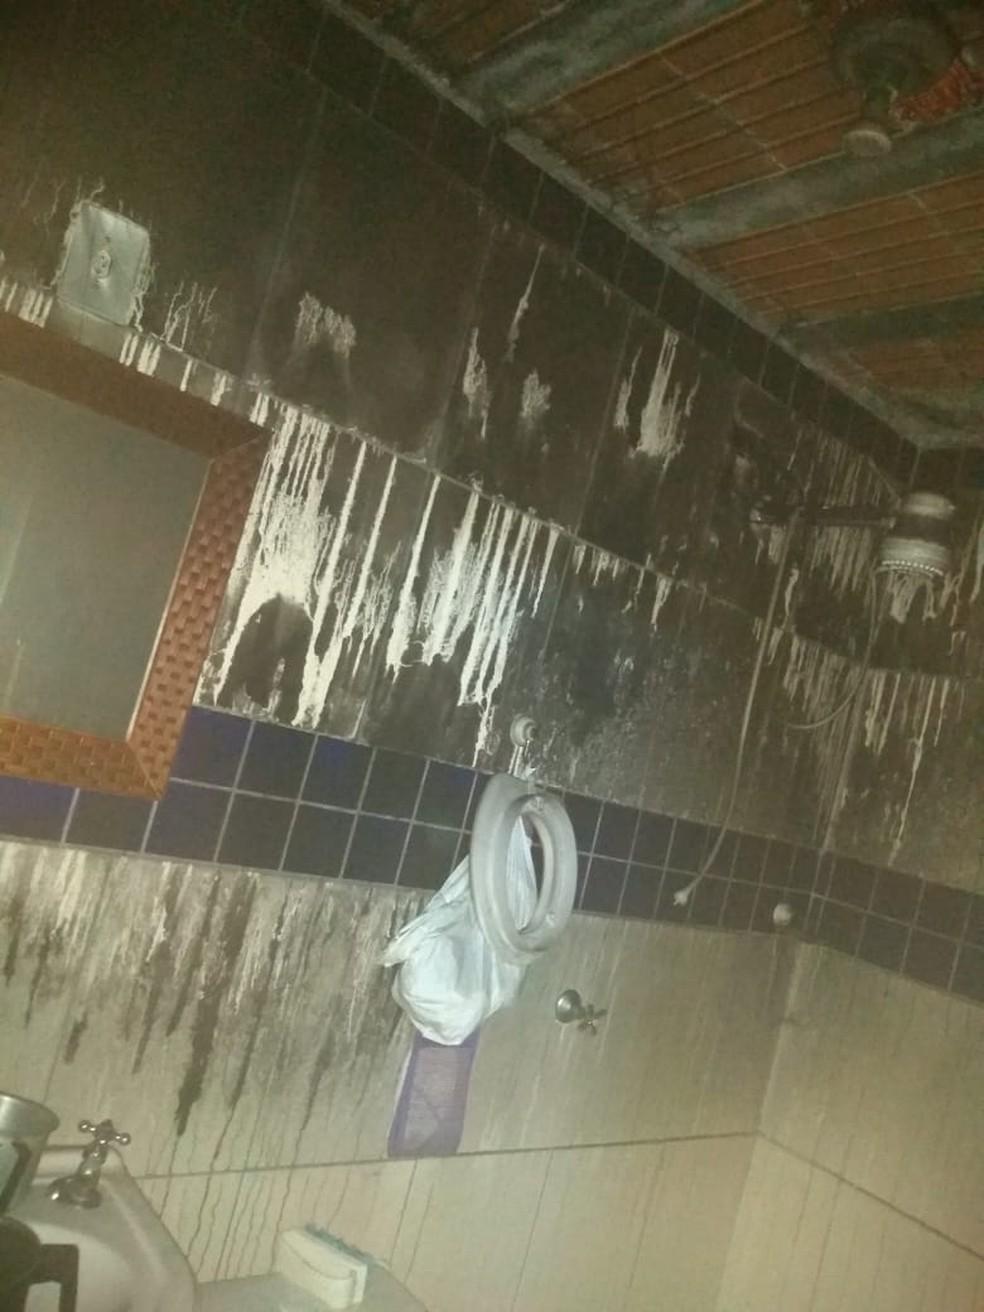 Criminoso ateia fogo na casa de ex-companheira após termino de relacionamento em SP — Foto: G1 Santos